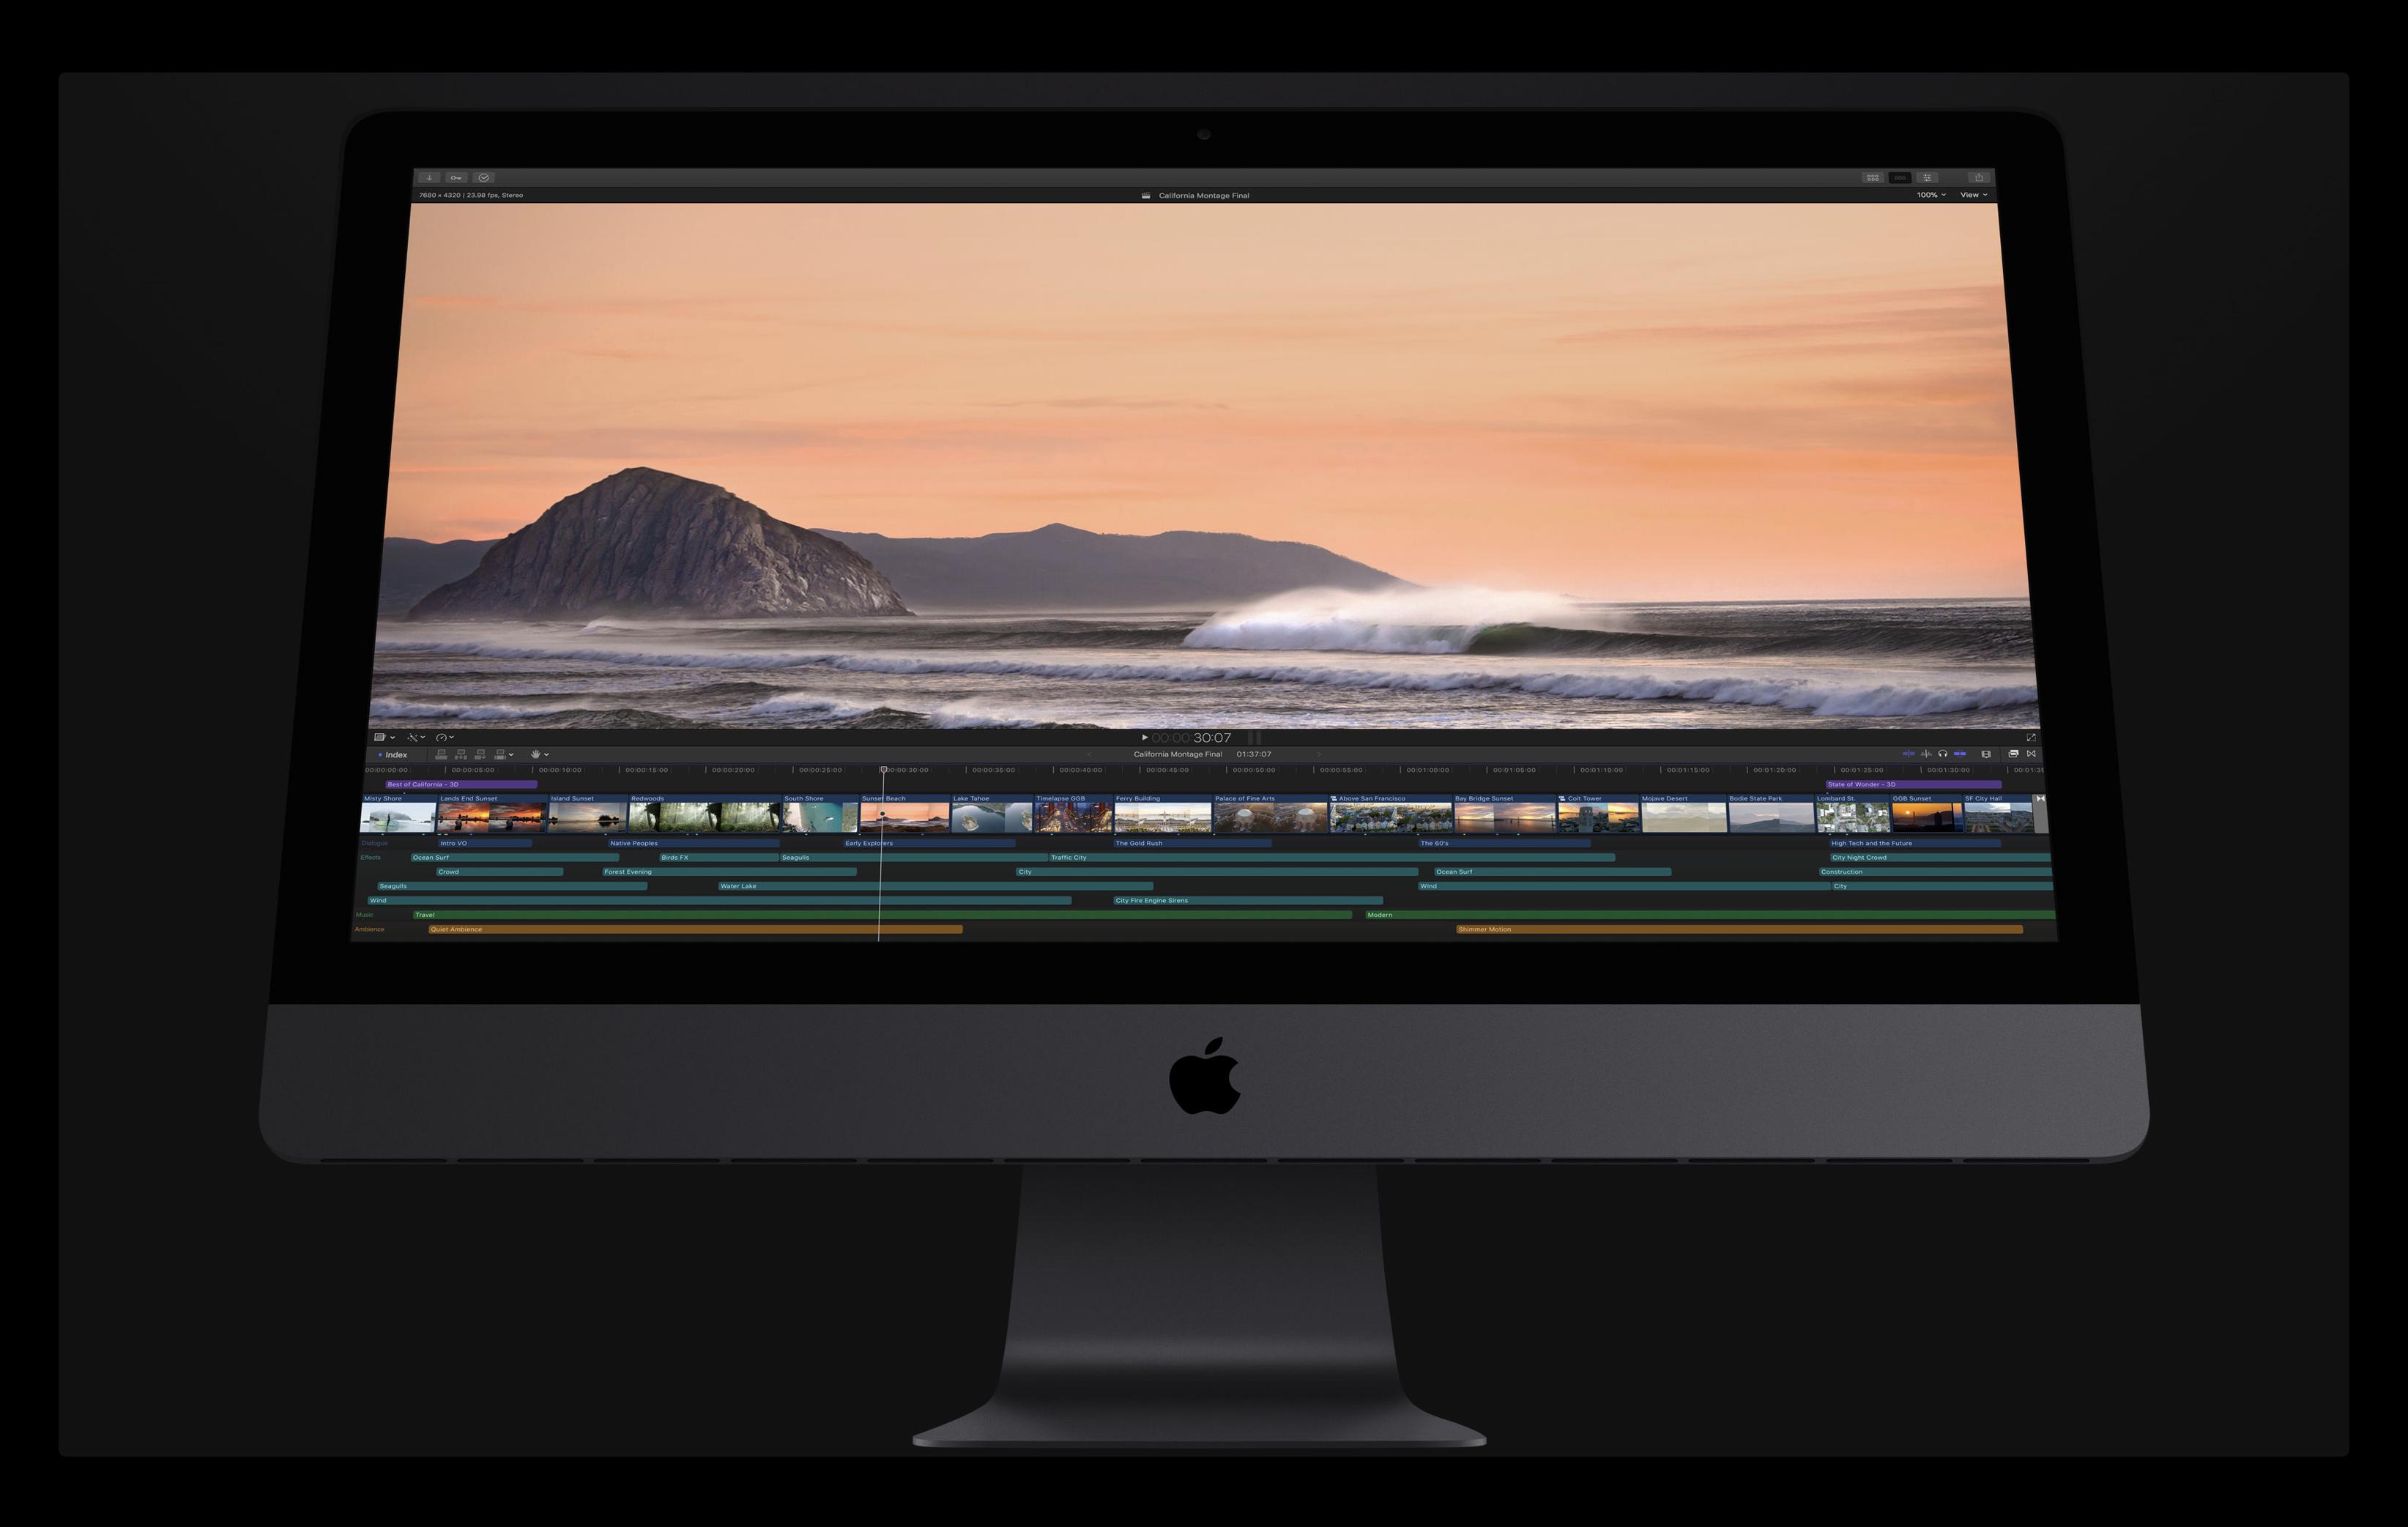 Apple、ProRes RAWと高度なクローズドキャプションを追加した「Final Cut Pro X 10.4.1」をリリース